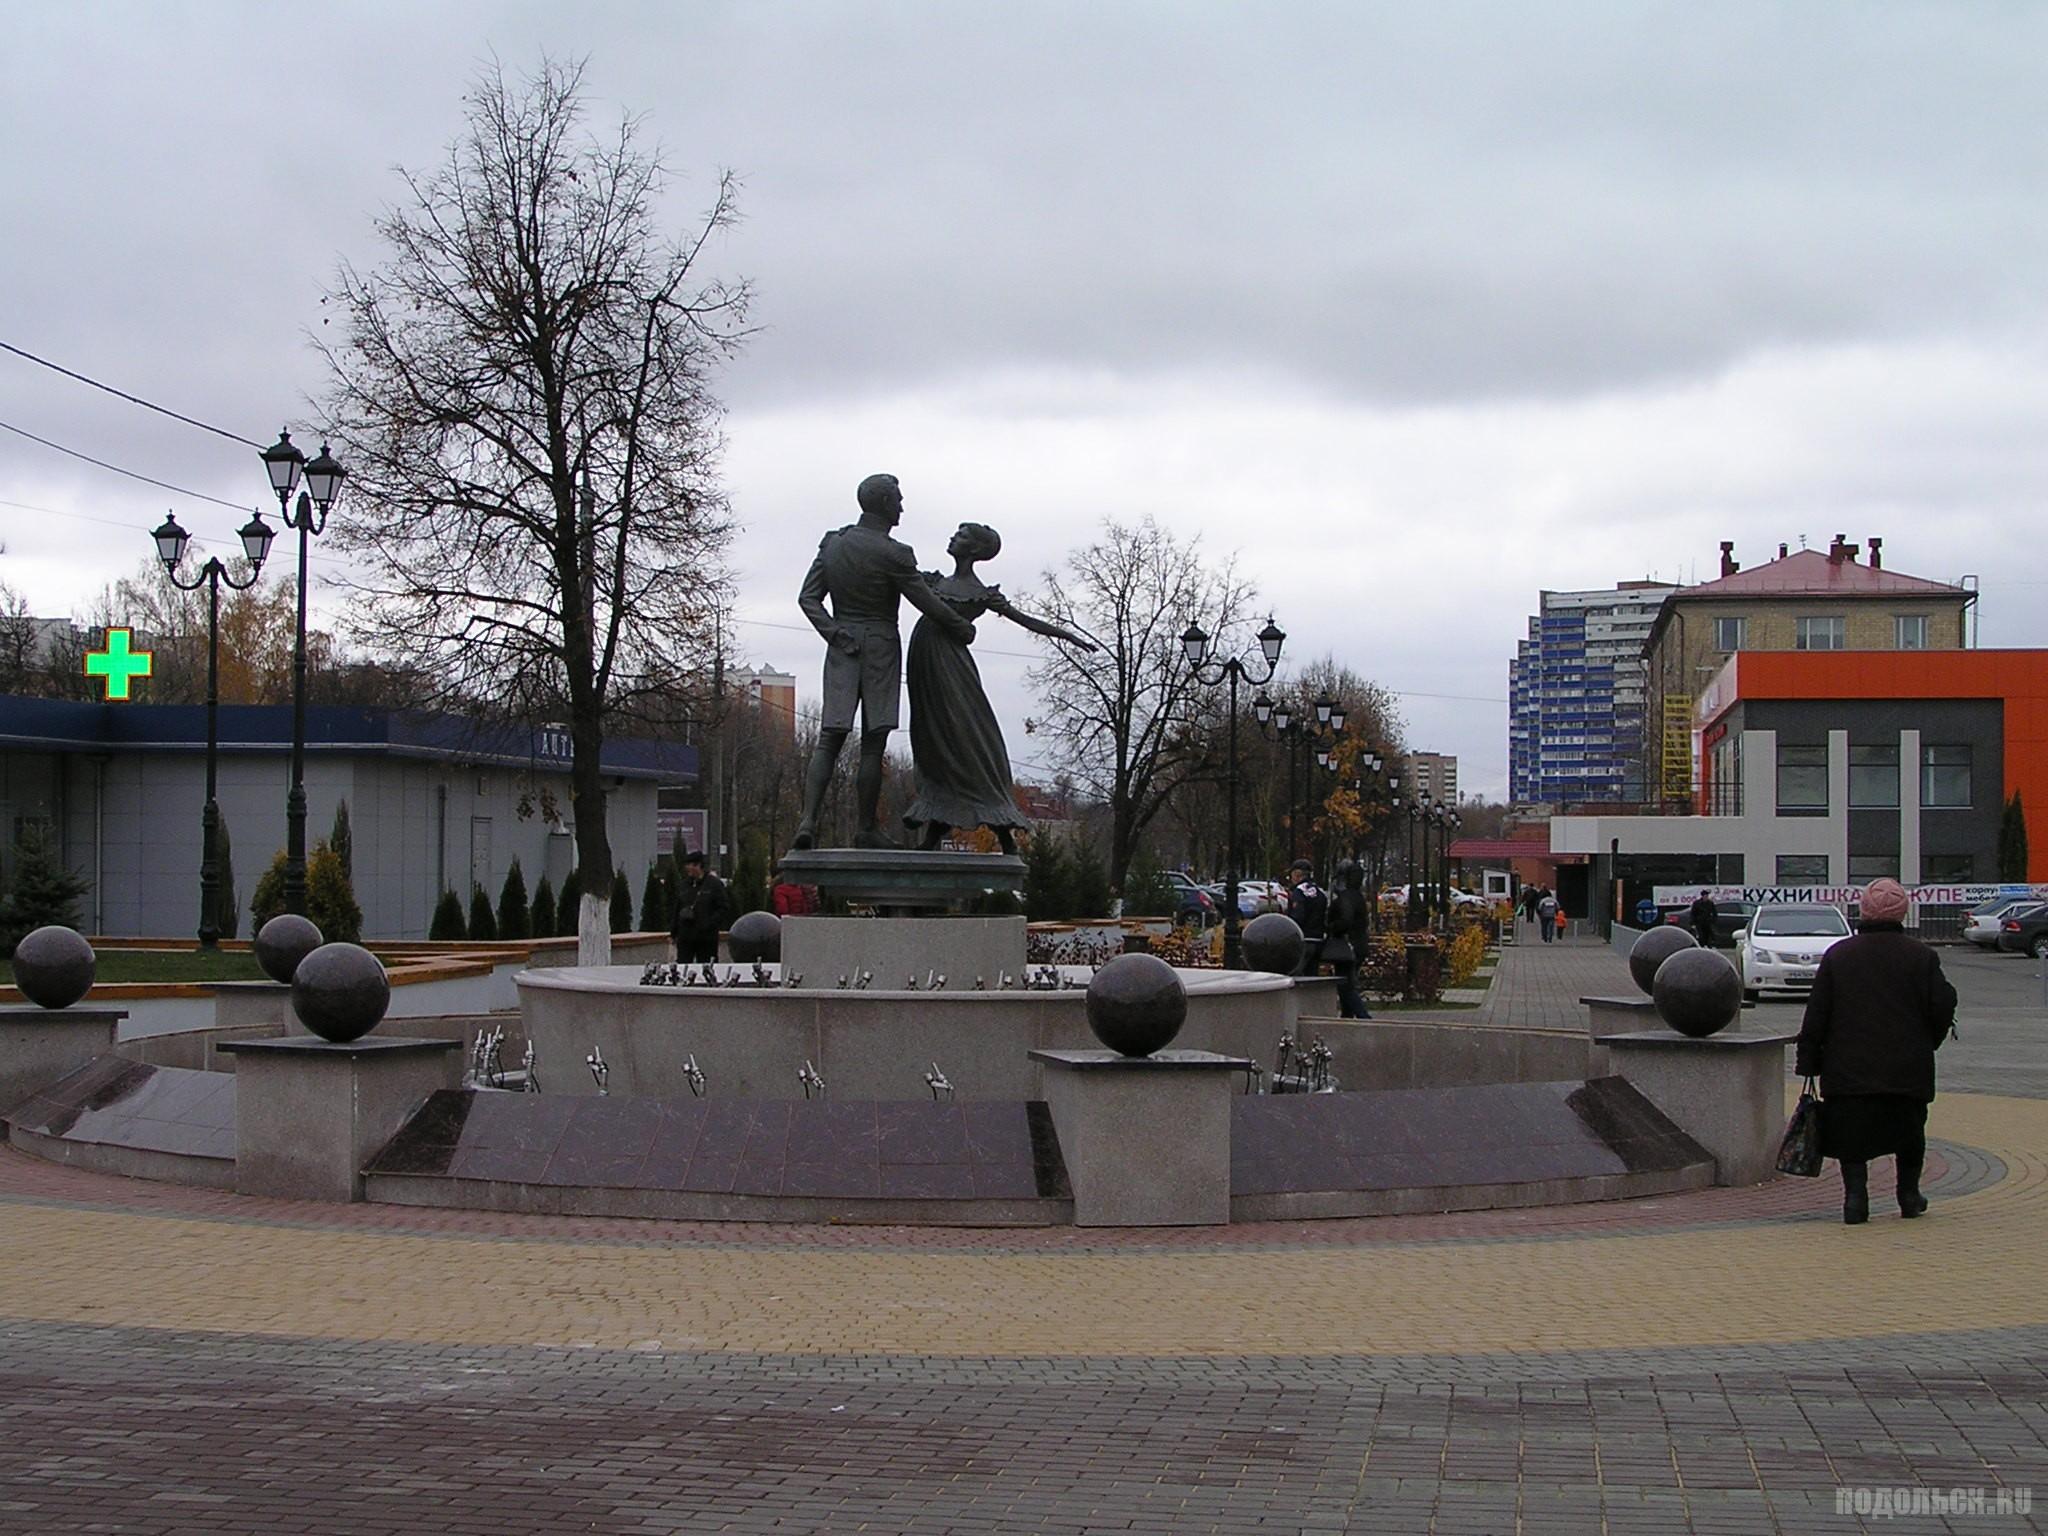 Ул. Кирова, 18.10.2014.